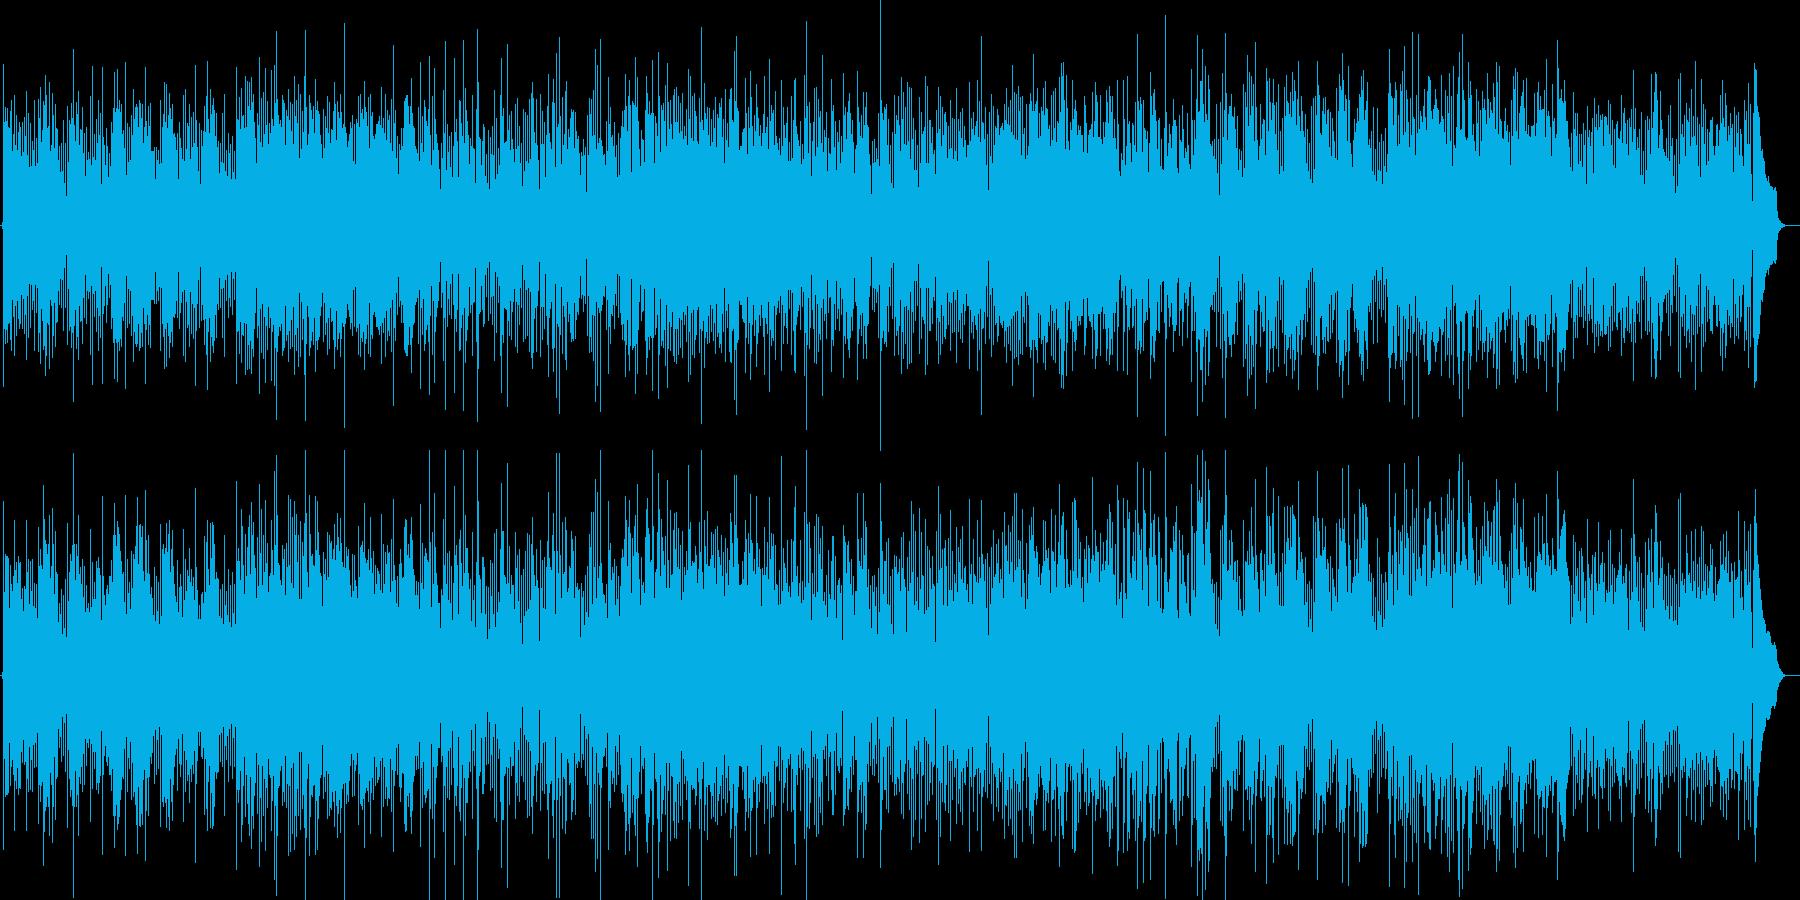 メランコリックな落ち着いたギターの曲の再生済みの波形